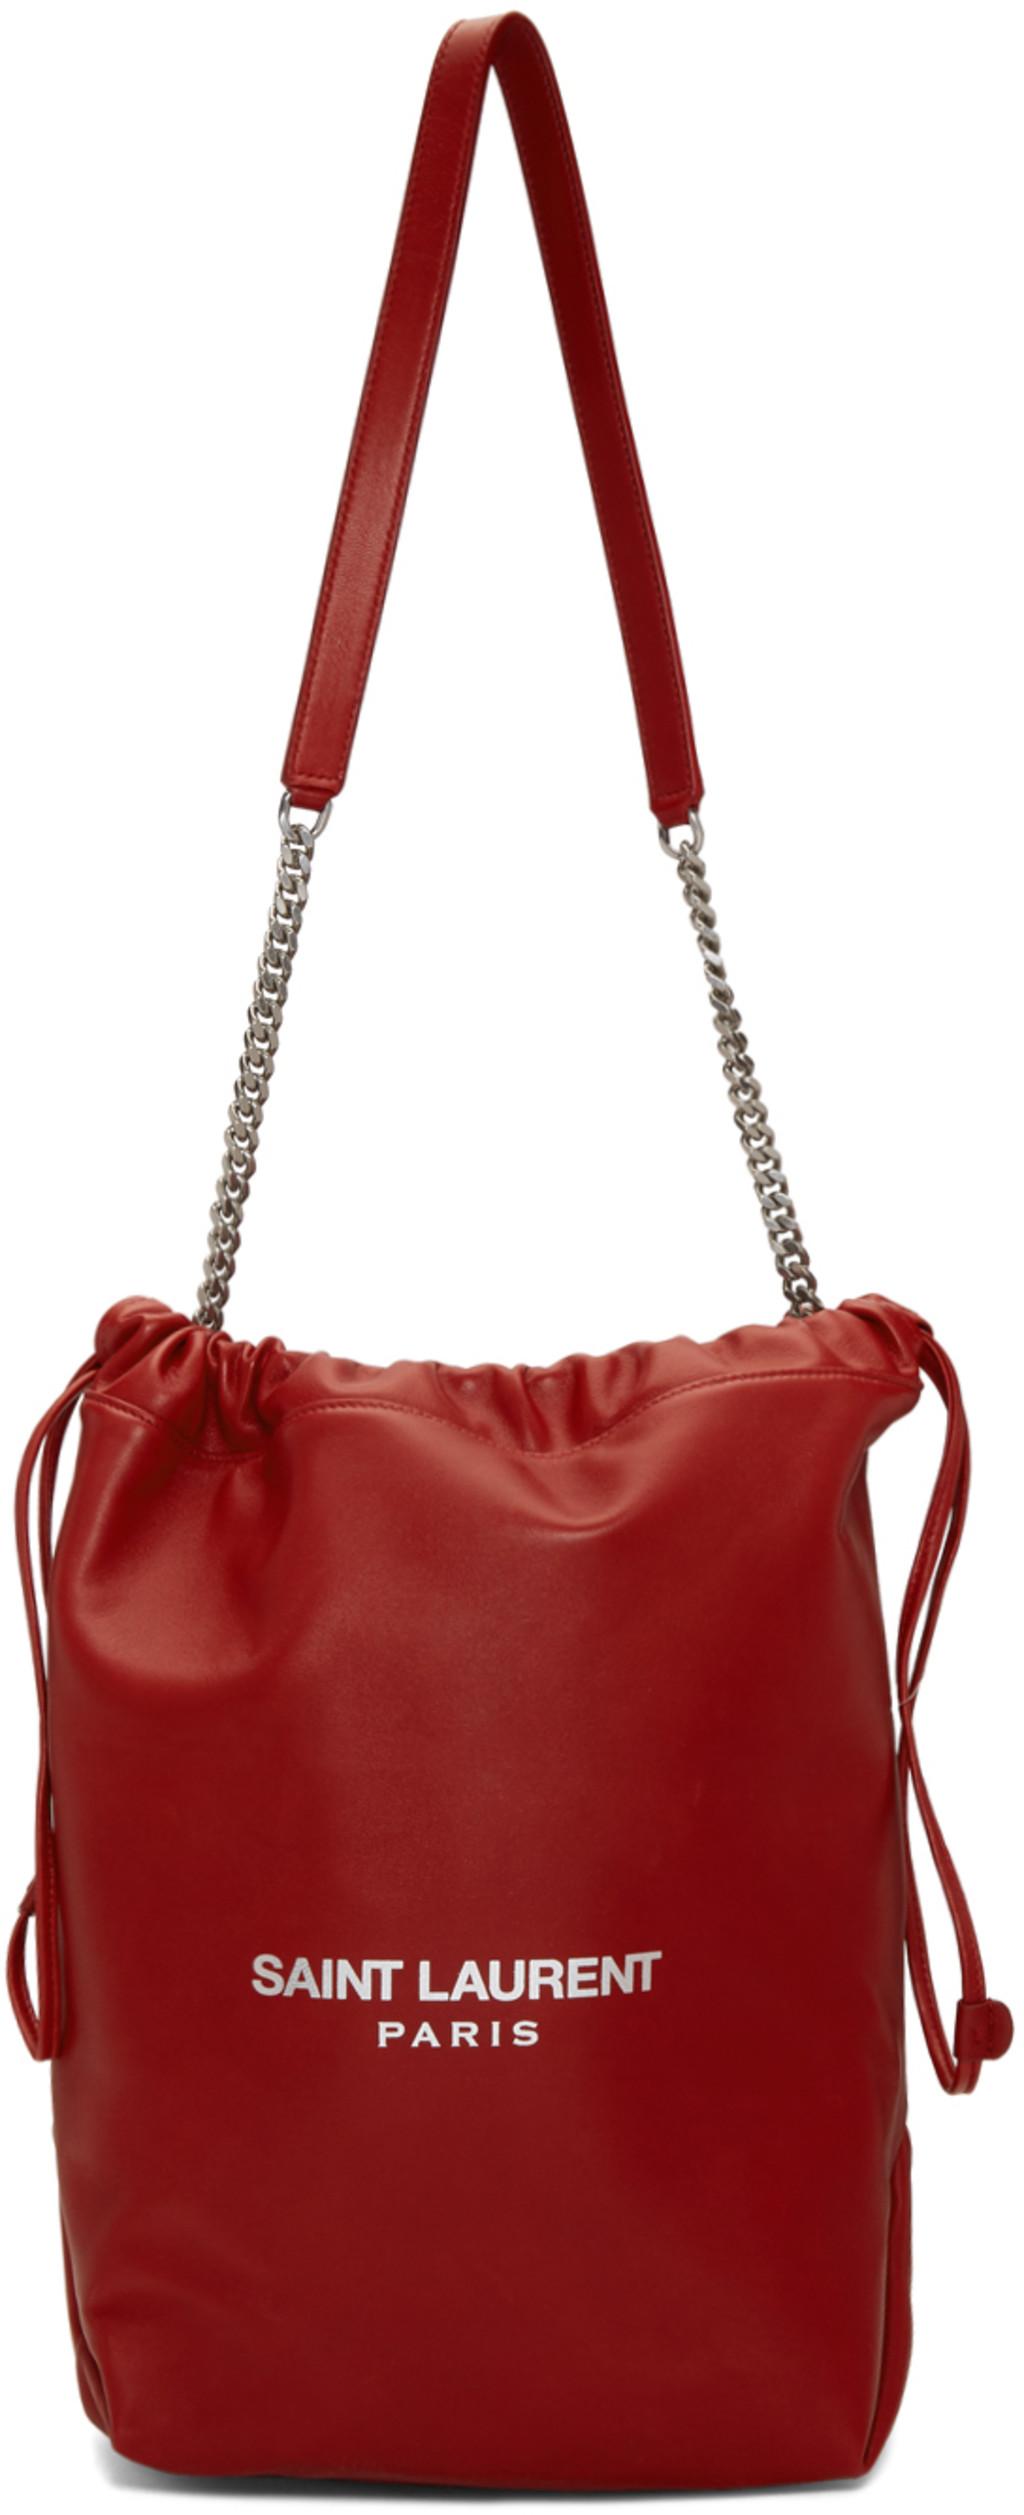 1976657f8f714 Saint Laurent bags for Women